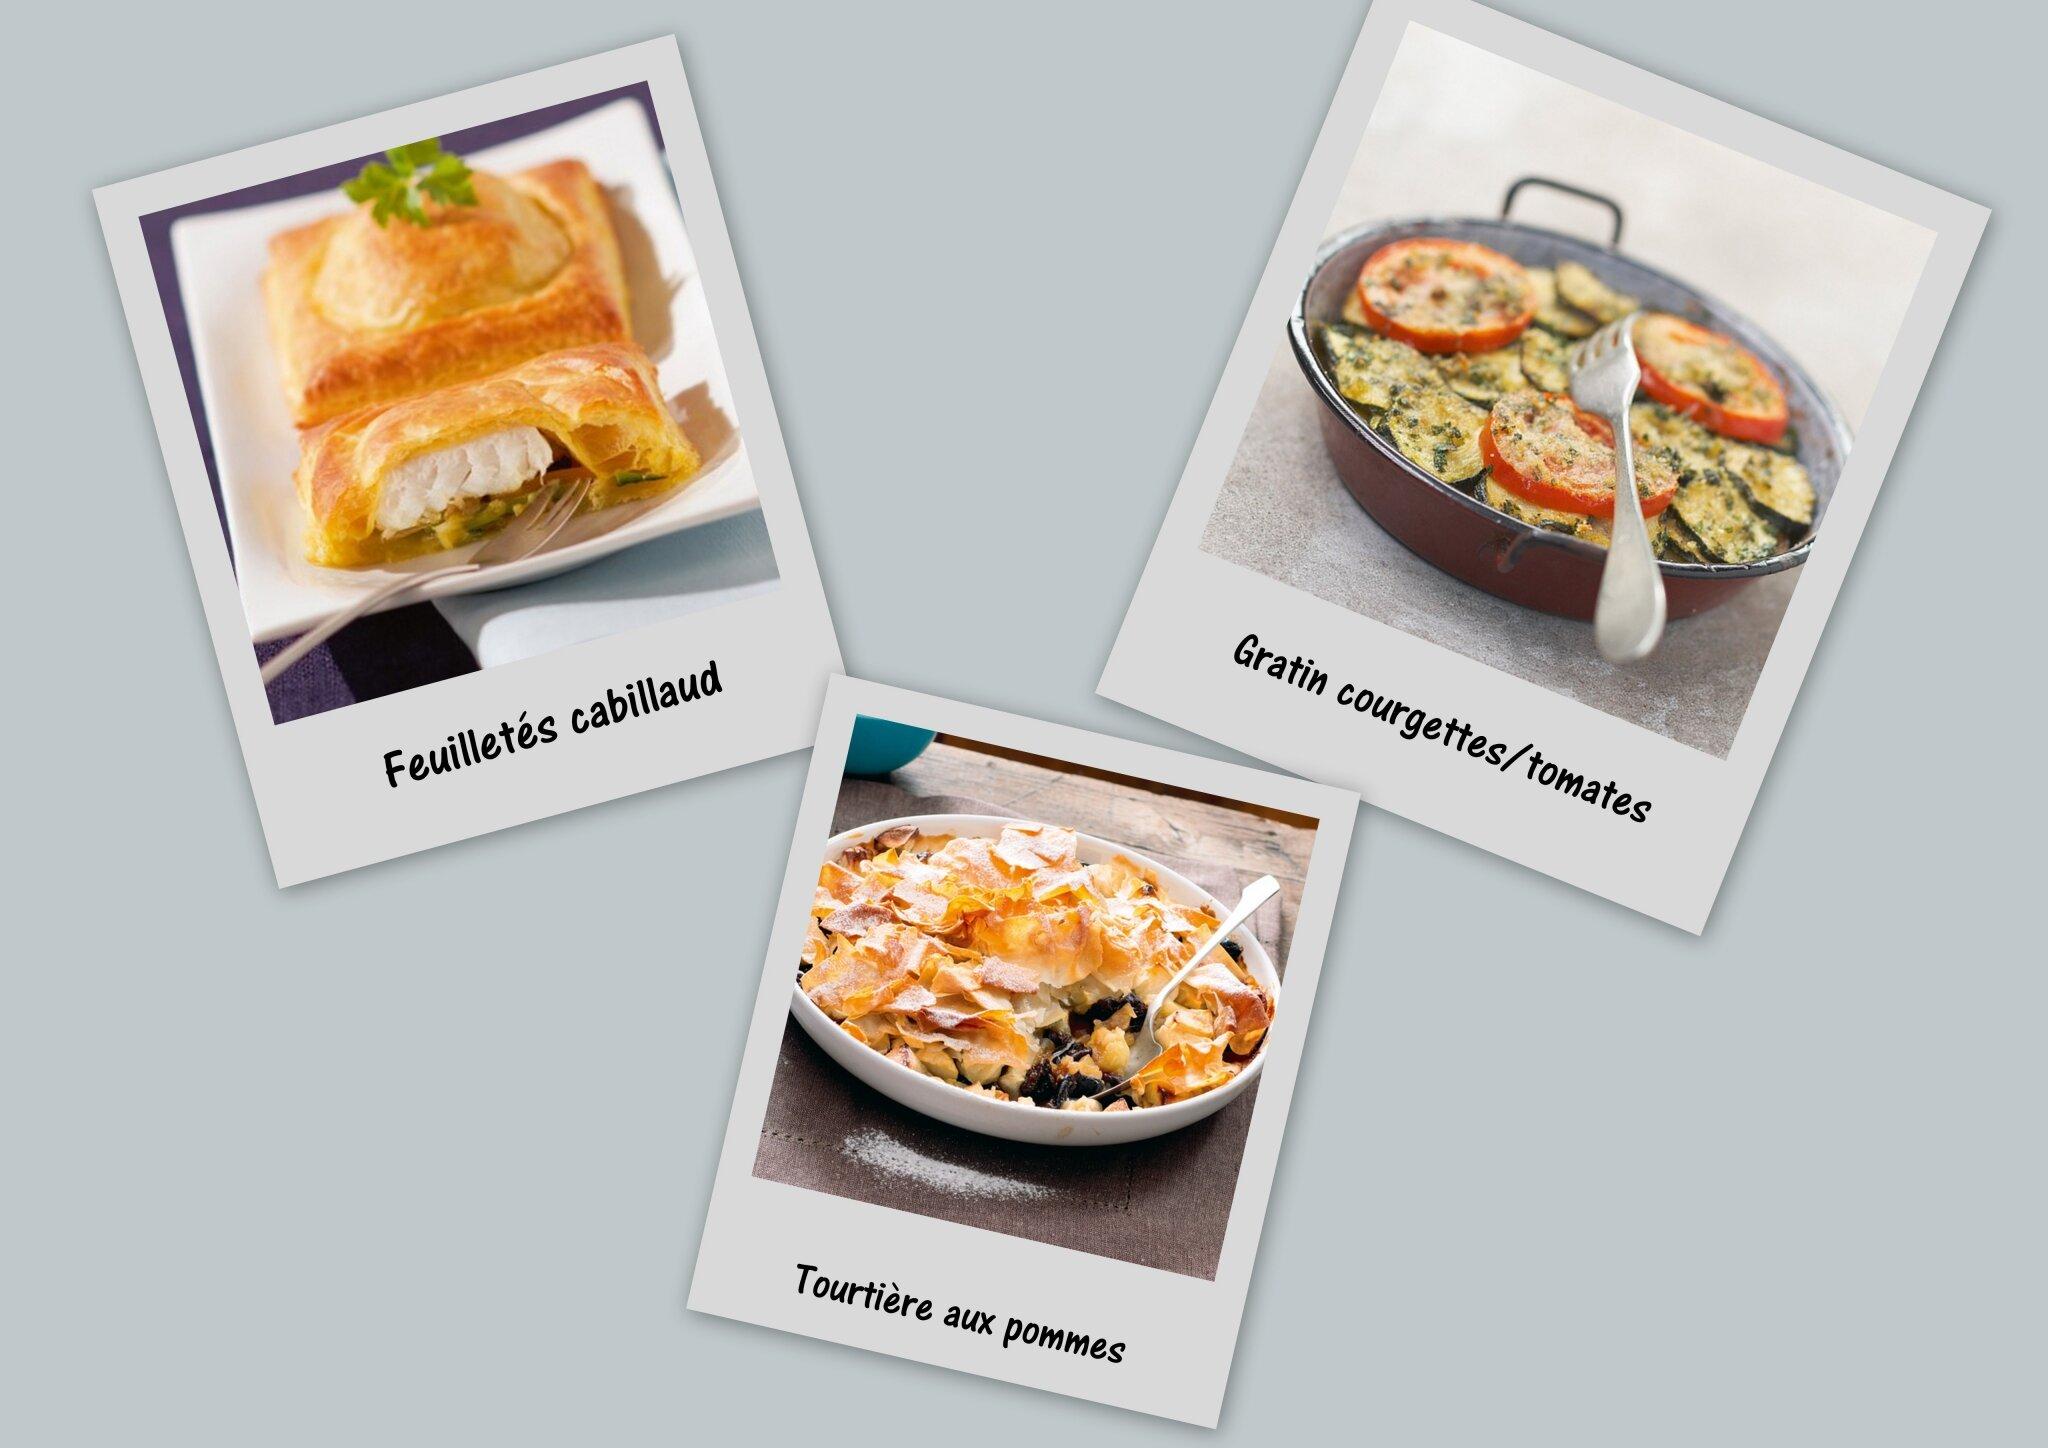 Le menu du jour : Feuilleté au cabillaud, Gratin de courgettes et tomates, Tourtière aux pommes et pruneaux